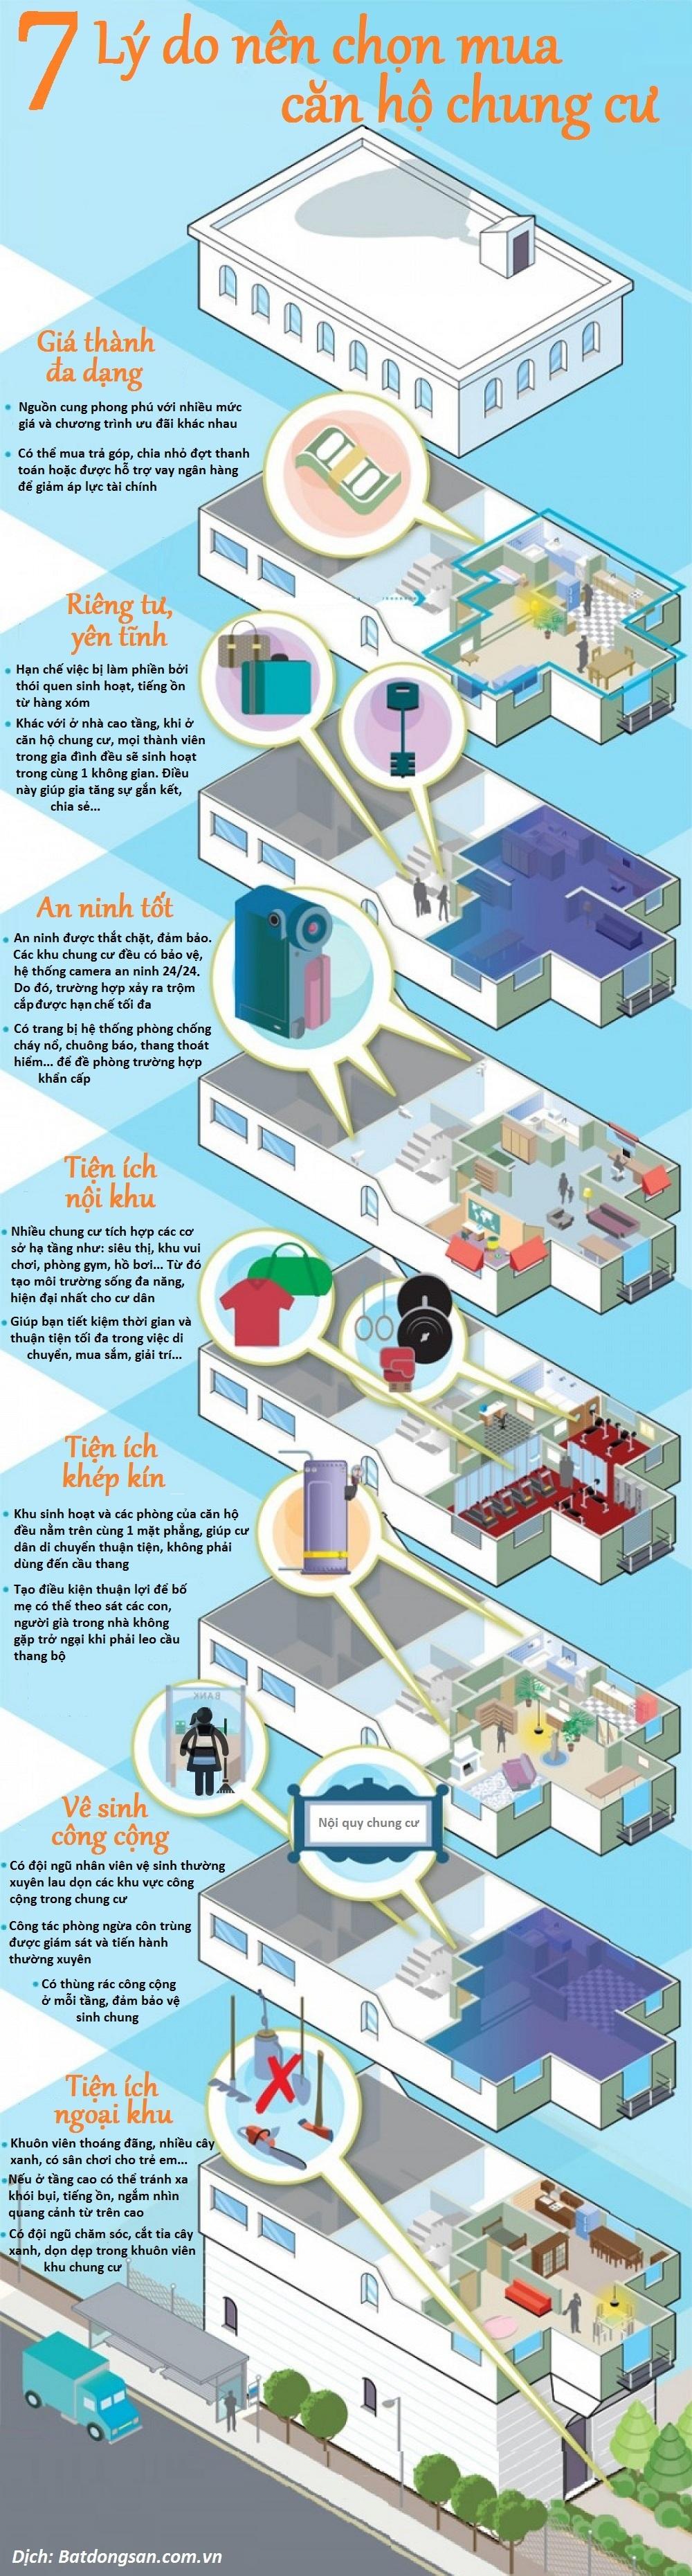 Lý do nên chọn mua căn hộ chung cư